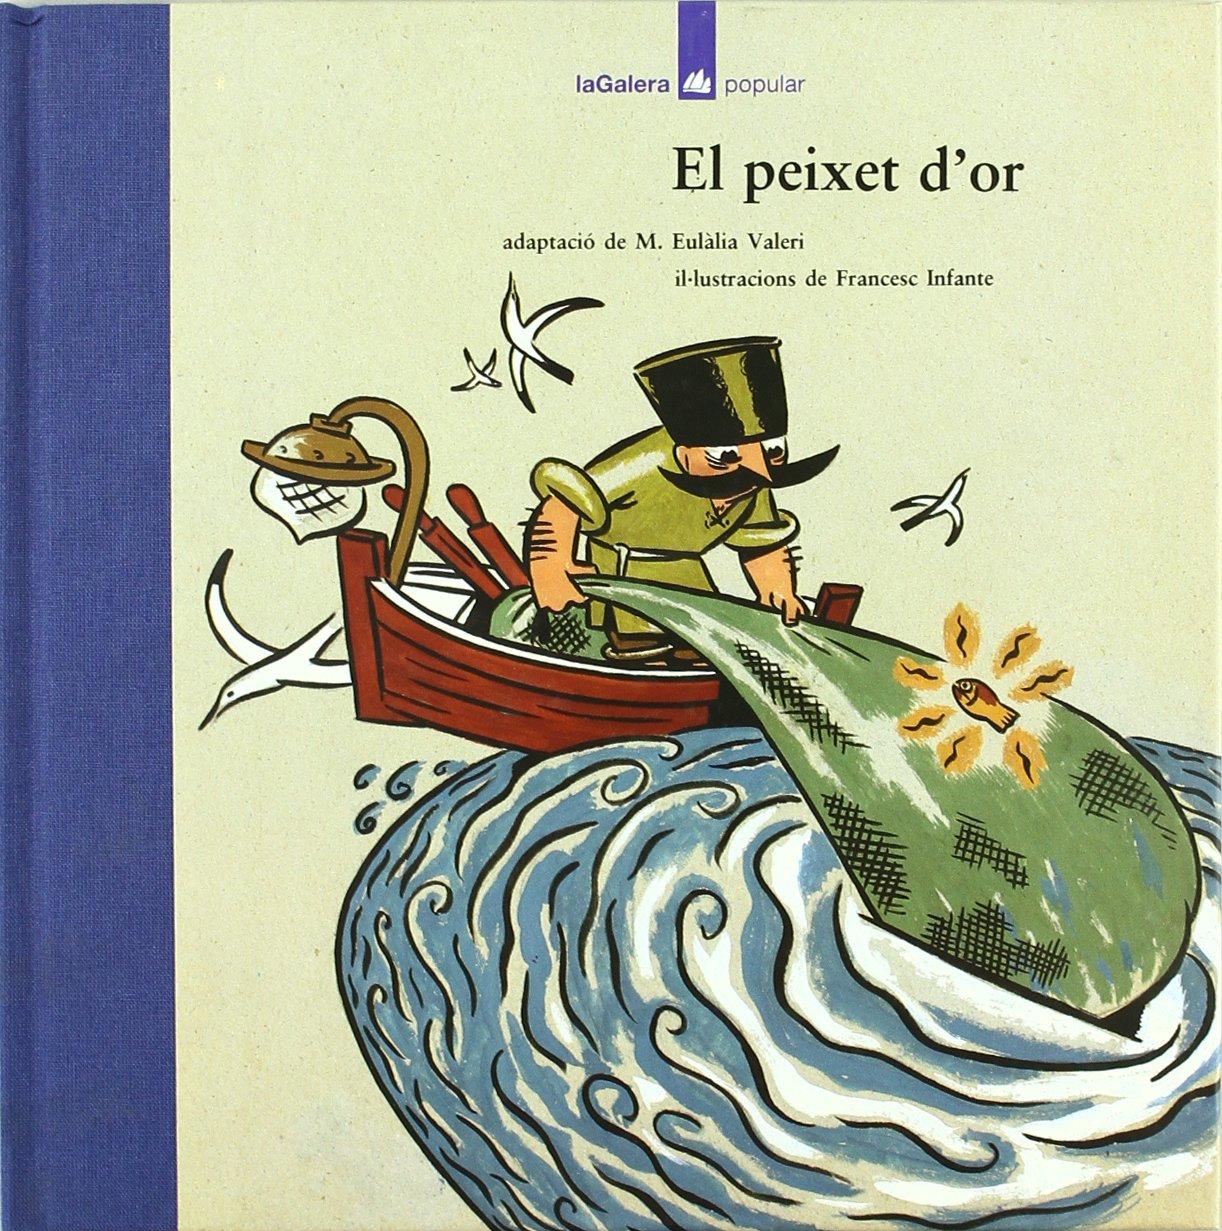 El peixet dor (Popular): Amazon.es: Anònim, Francesc Infante, M. Eulàlia Valeri: Libros